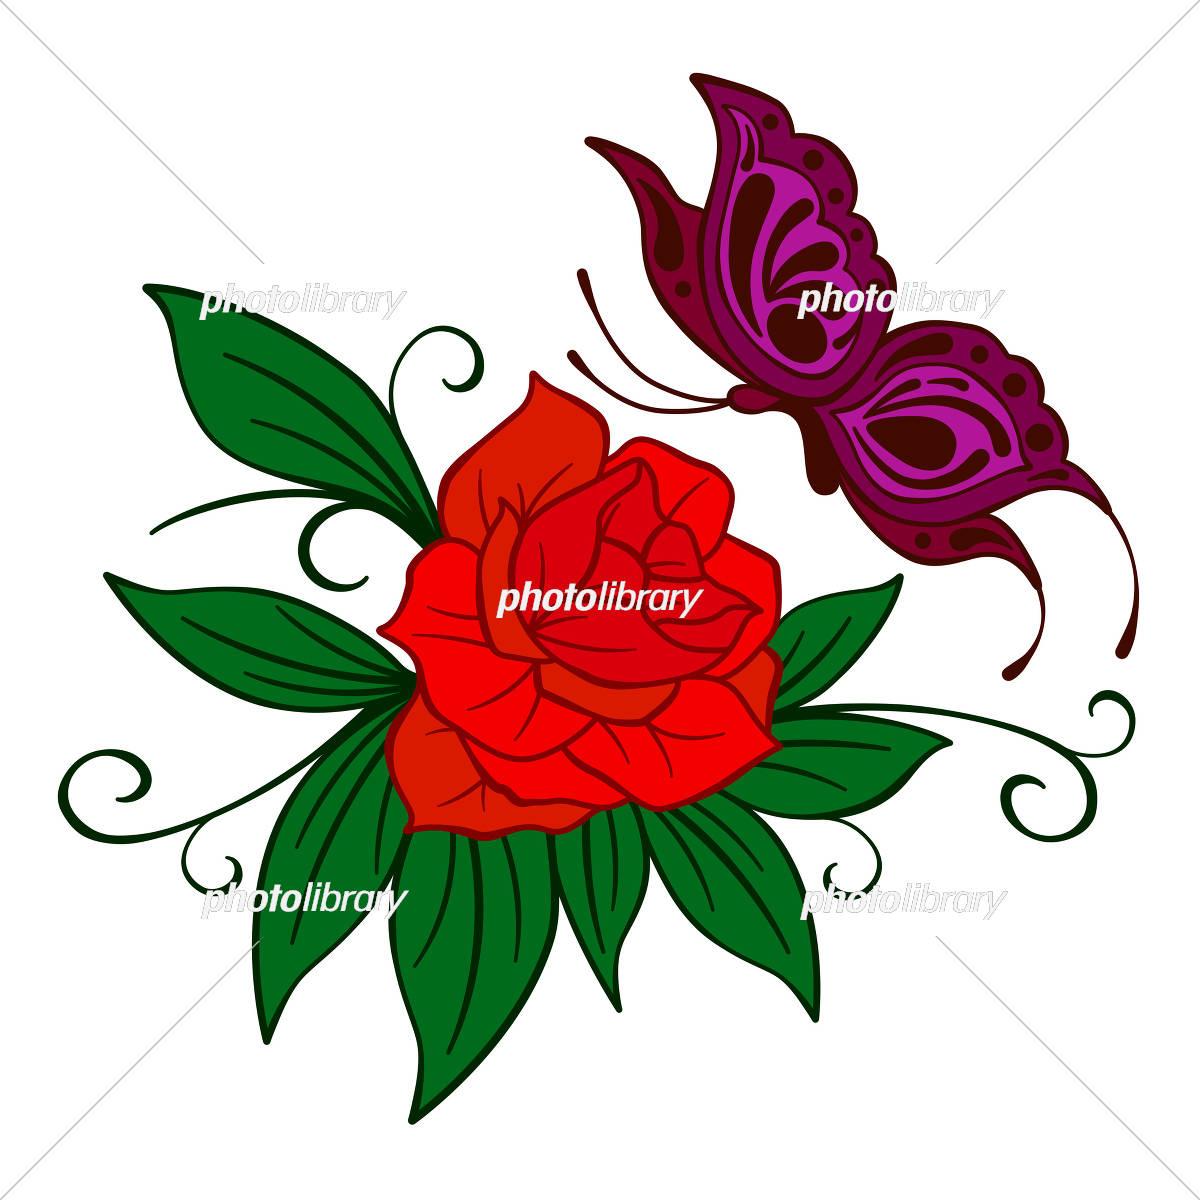 薔薇と蝶々のイラスト イラスト素材 5007999 フォトライブラリー